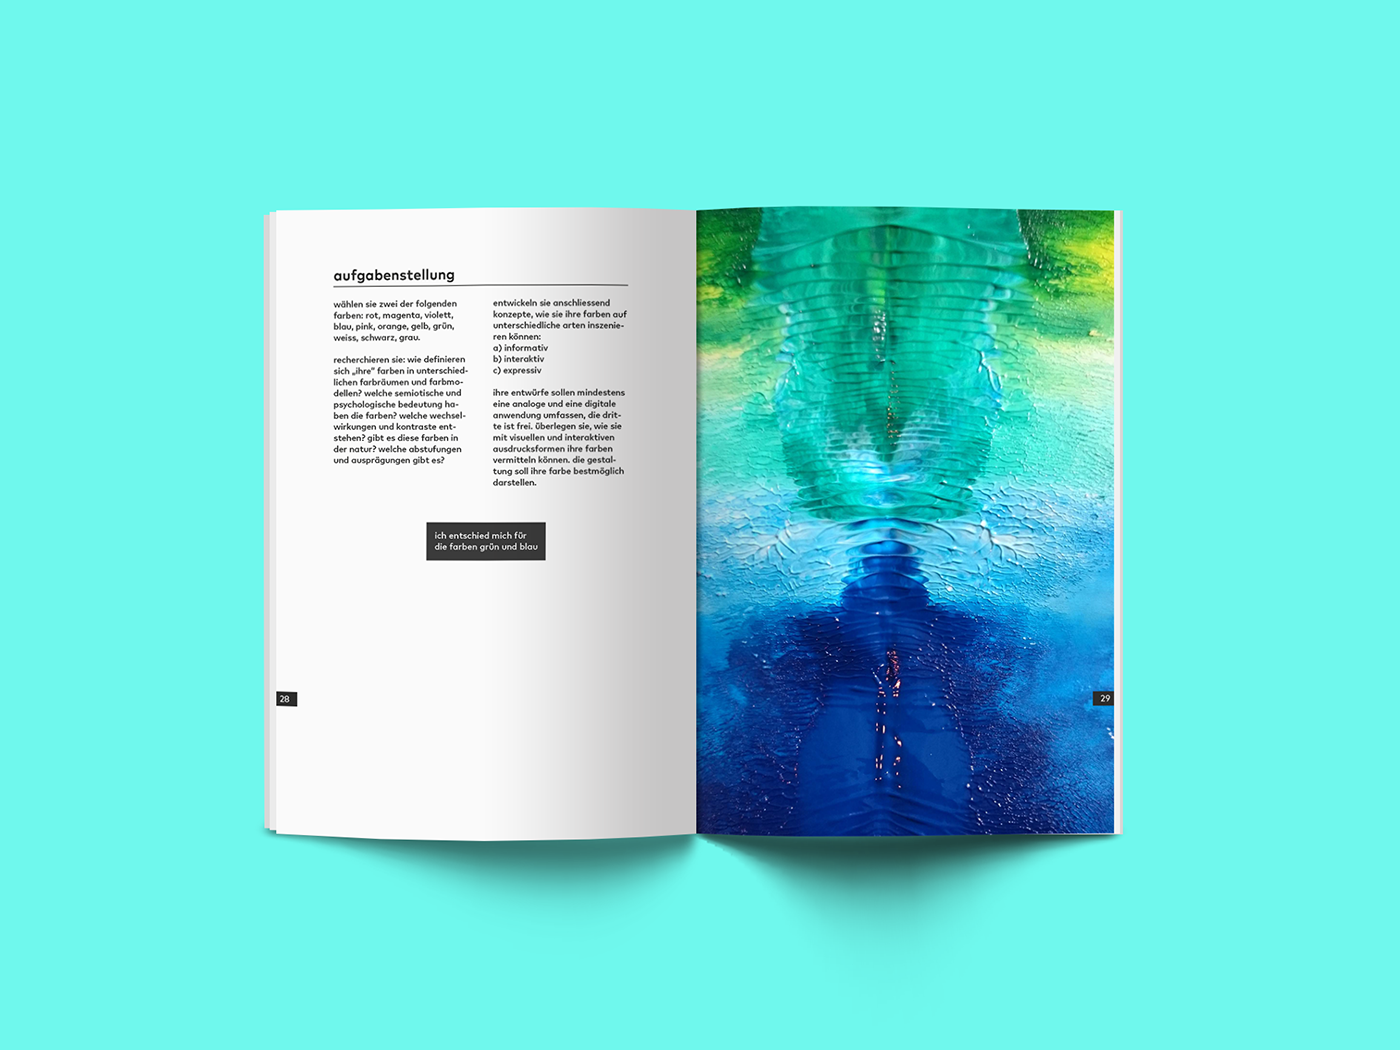 Beste Entwürfe Frei Zu Färben Fotos - Druckbare Malvorlagen ...